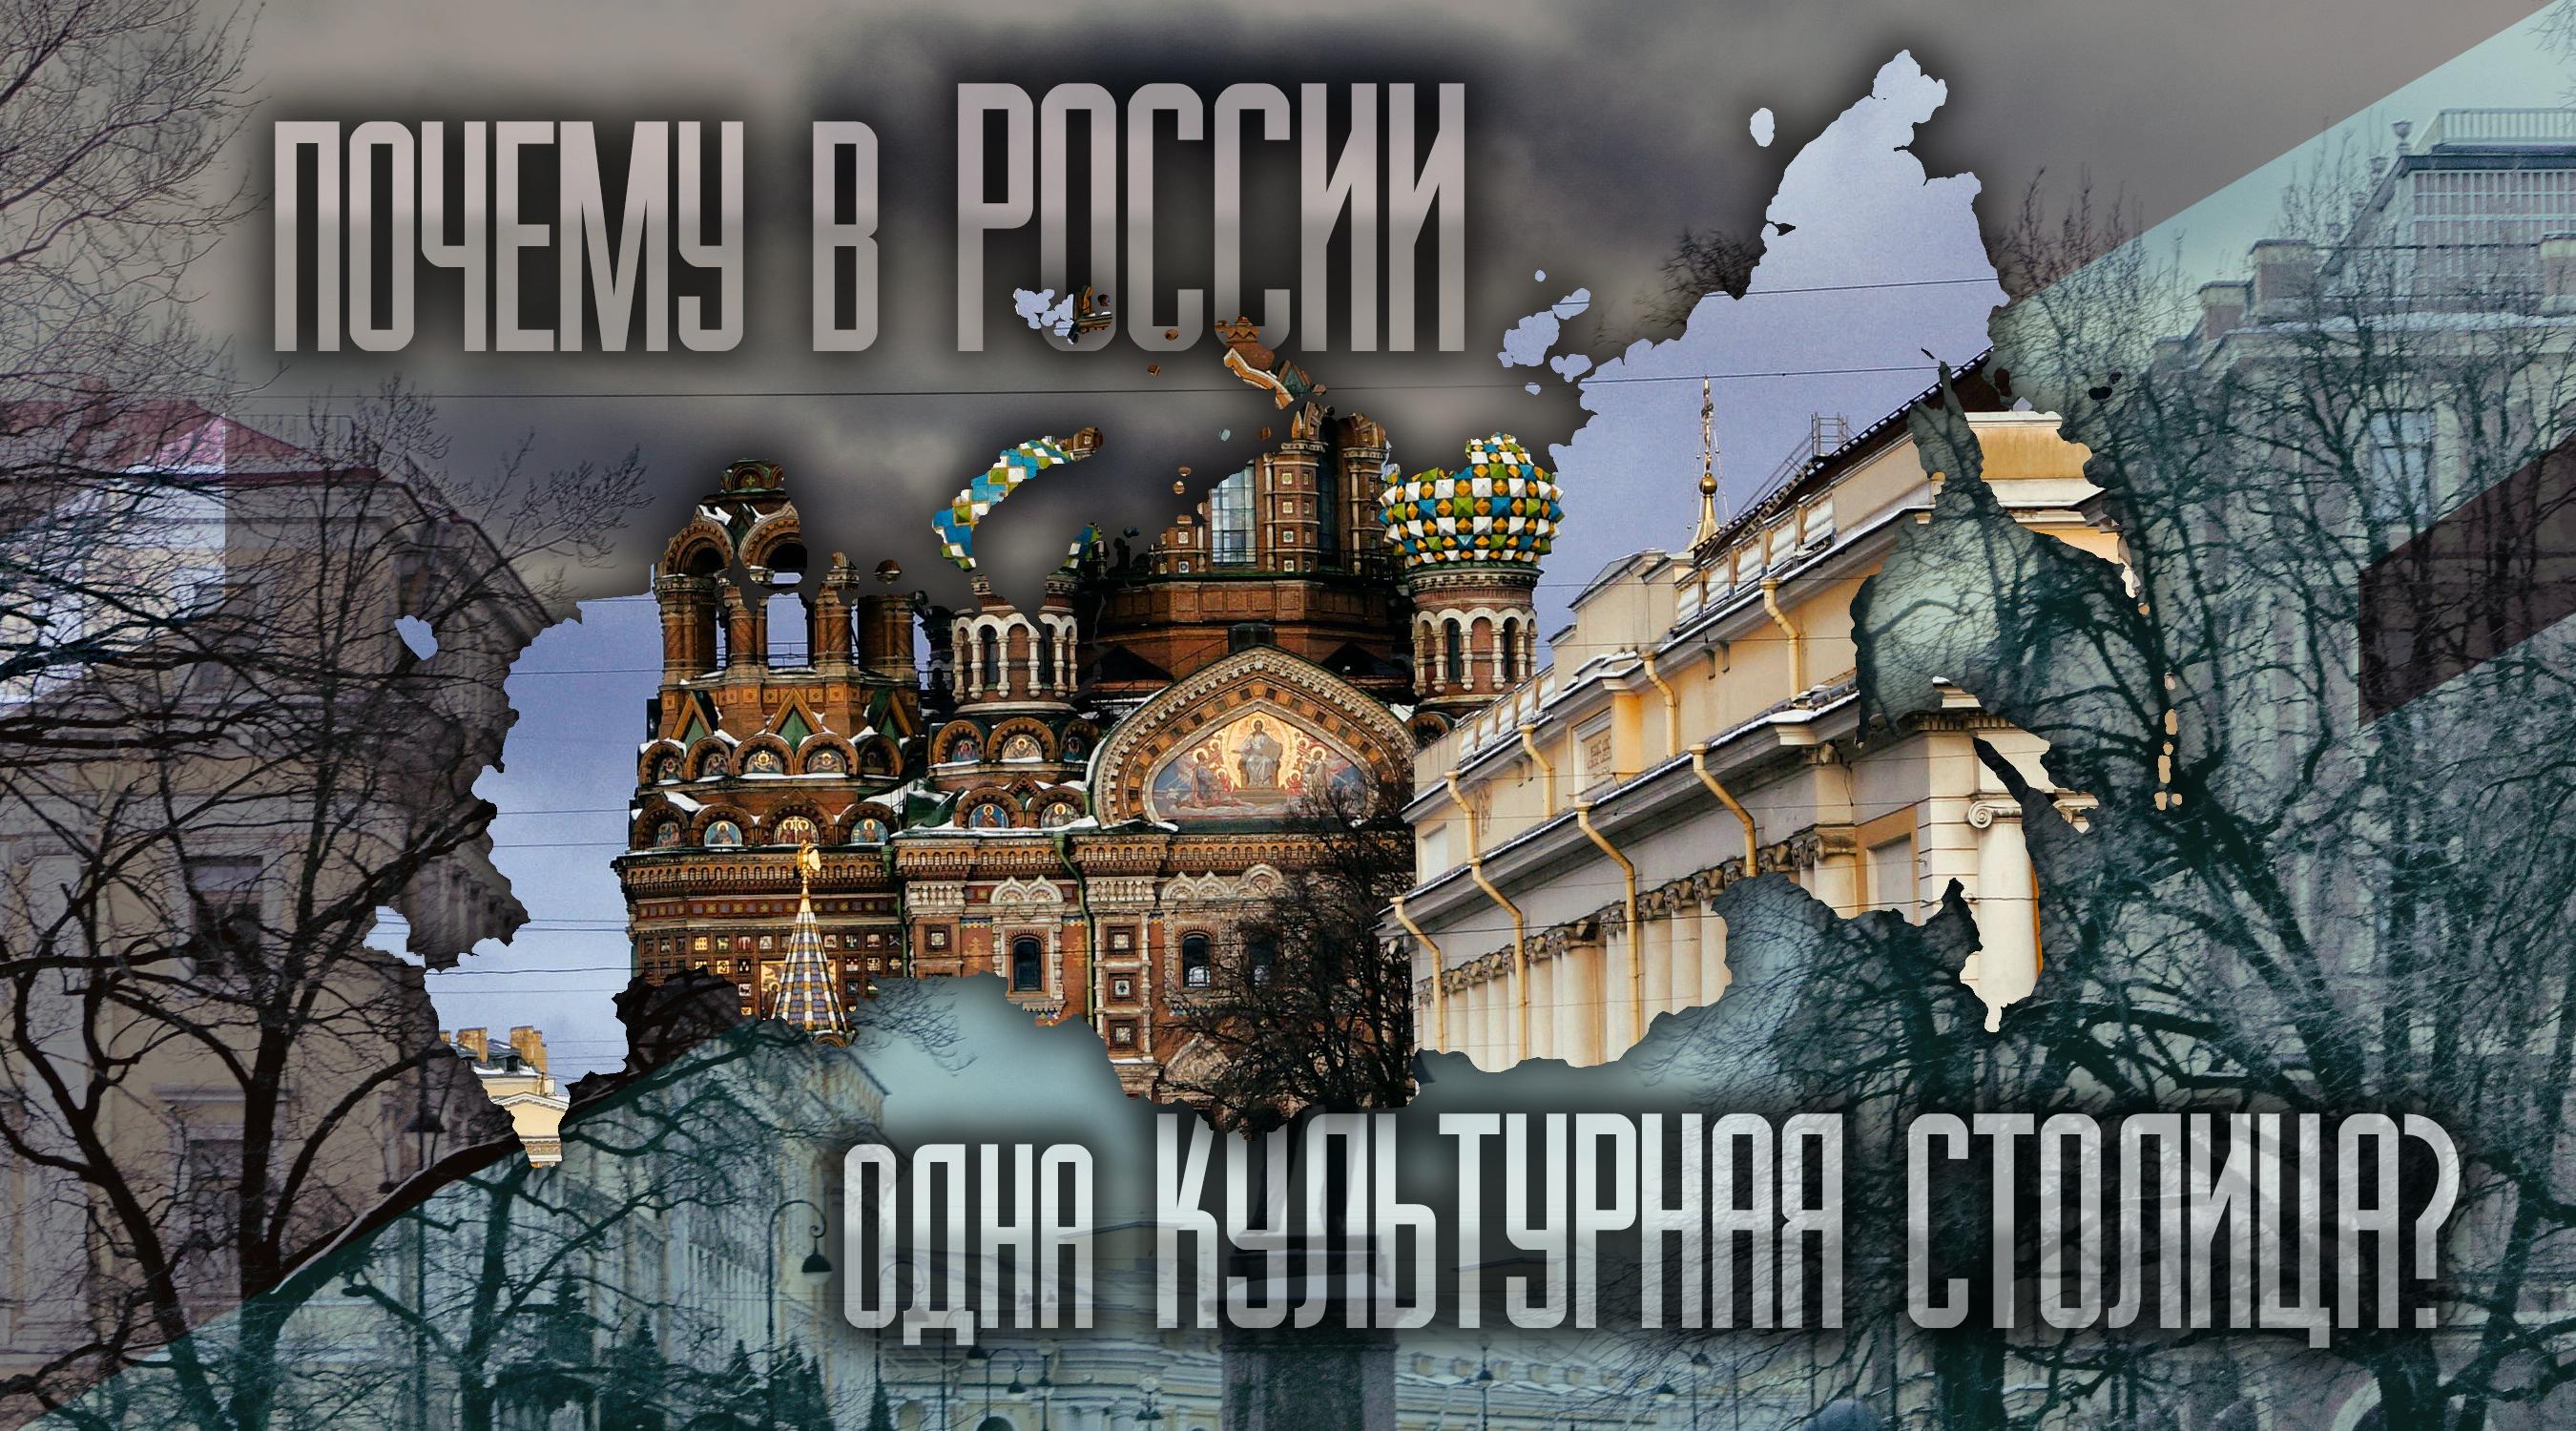 Почему в россии такси краснодар - 7a27